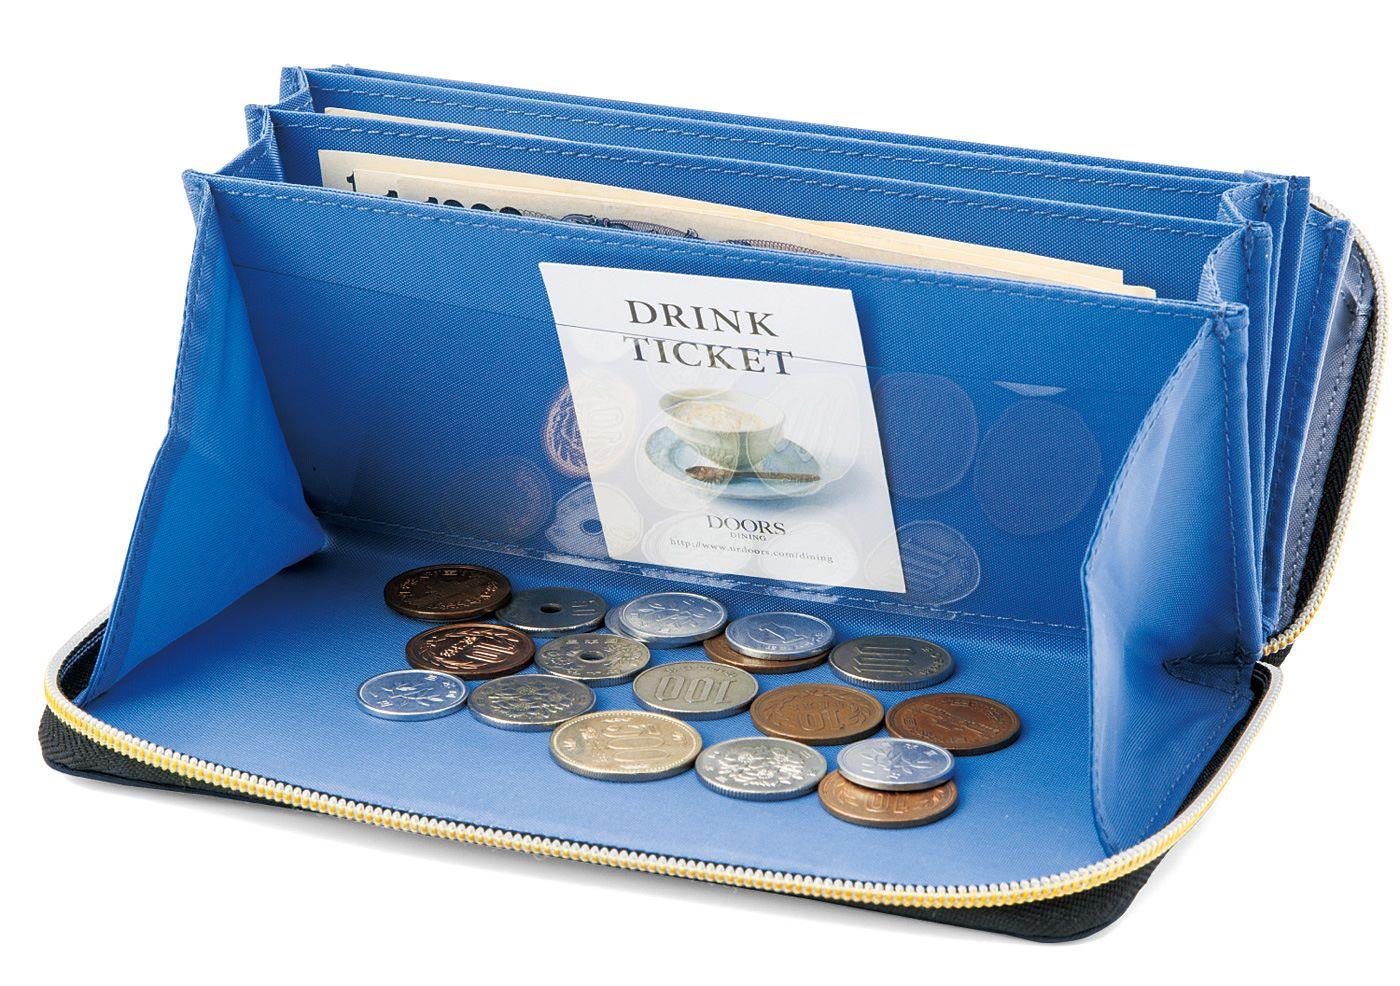 小銭入れに透明ポケット付き。クーポン券を入れておけば使い忘れなし!